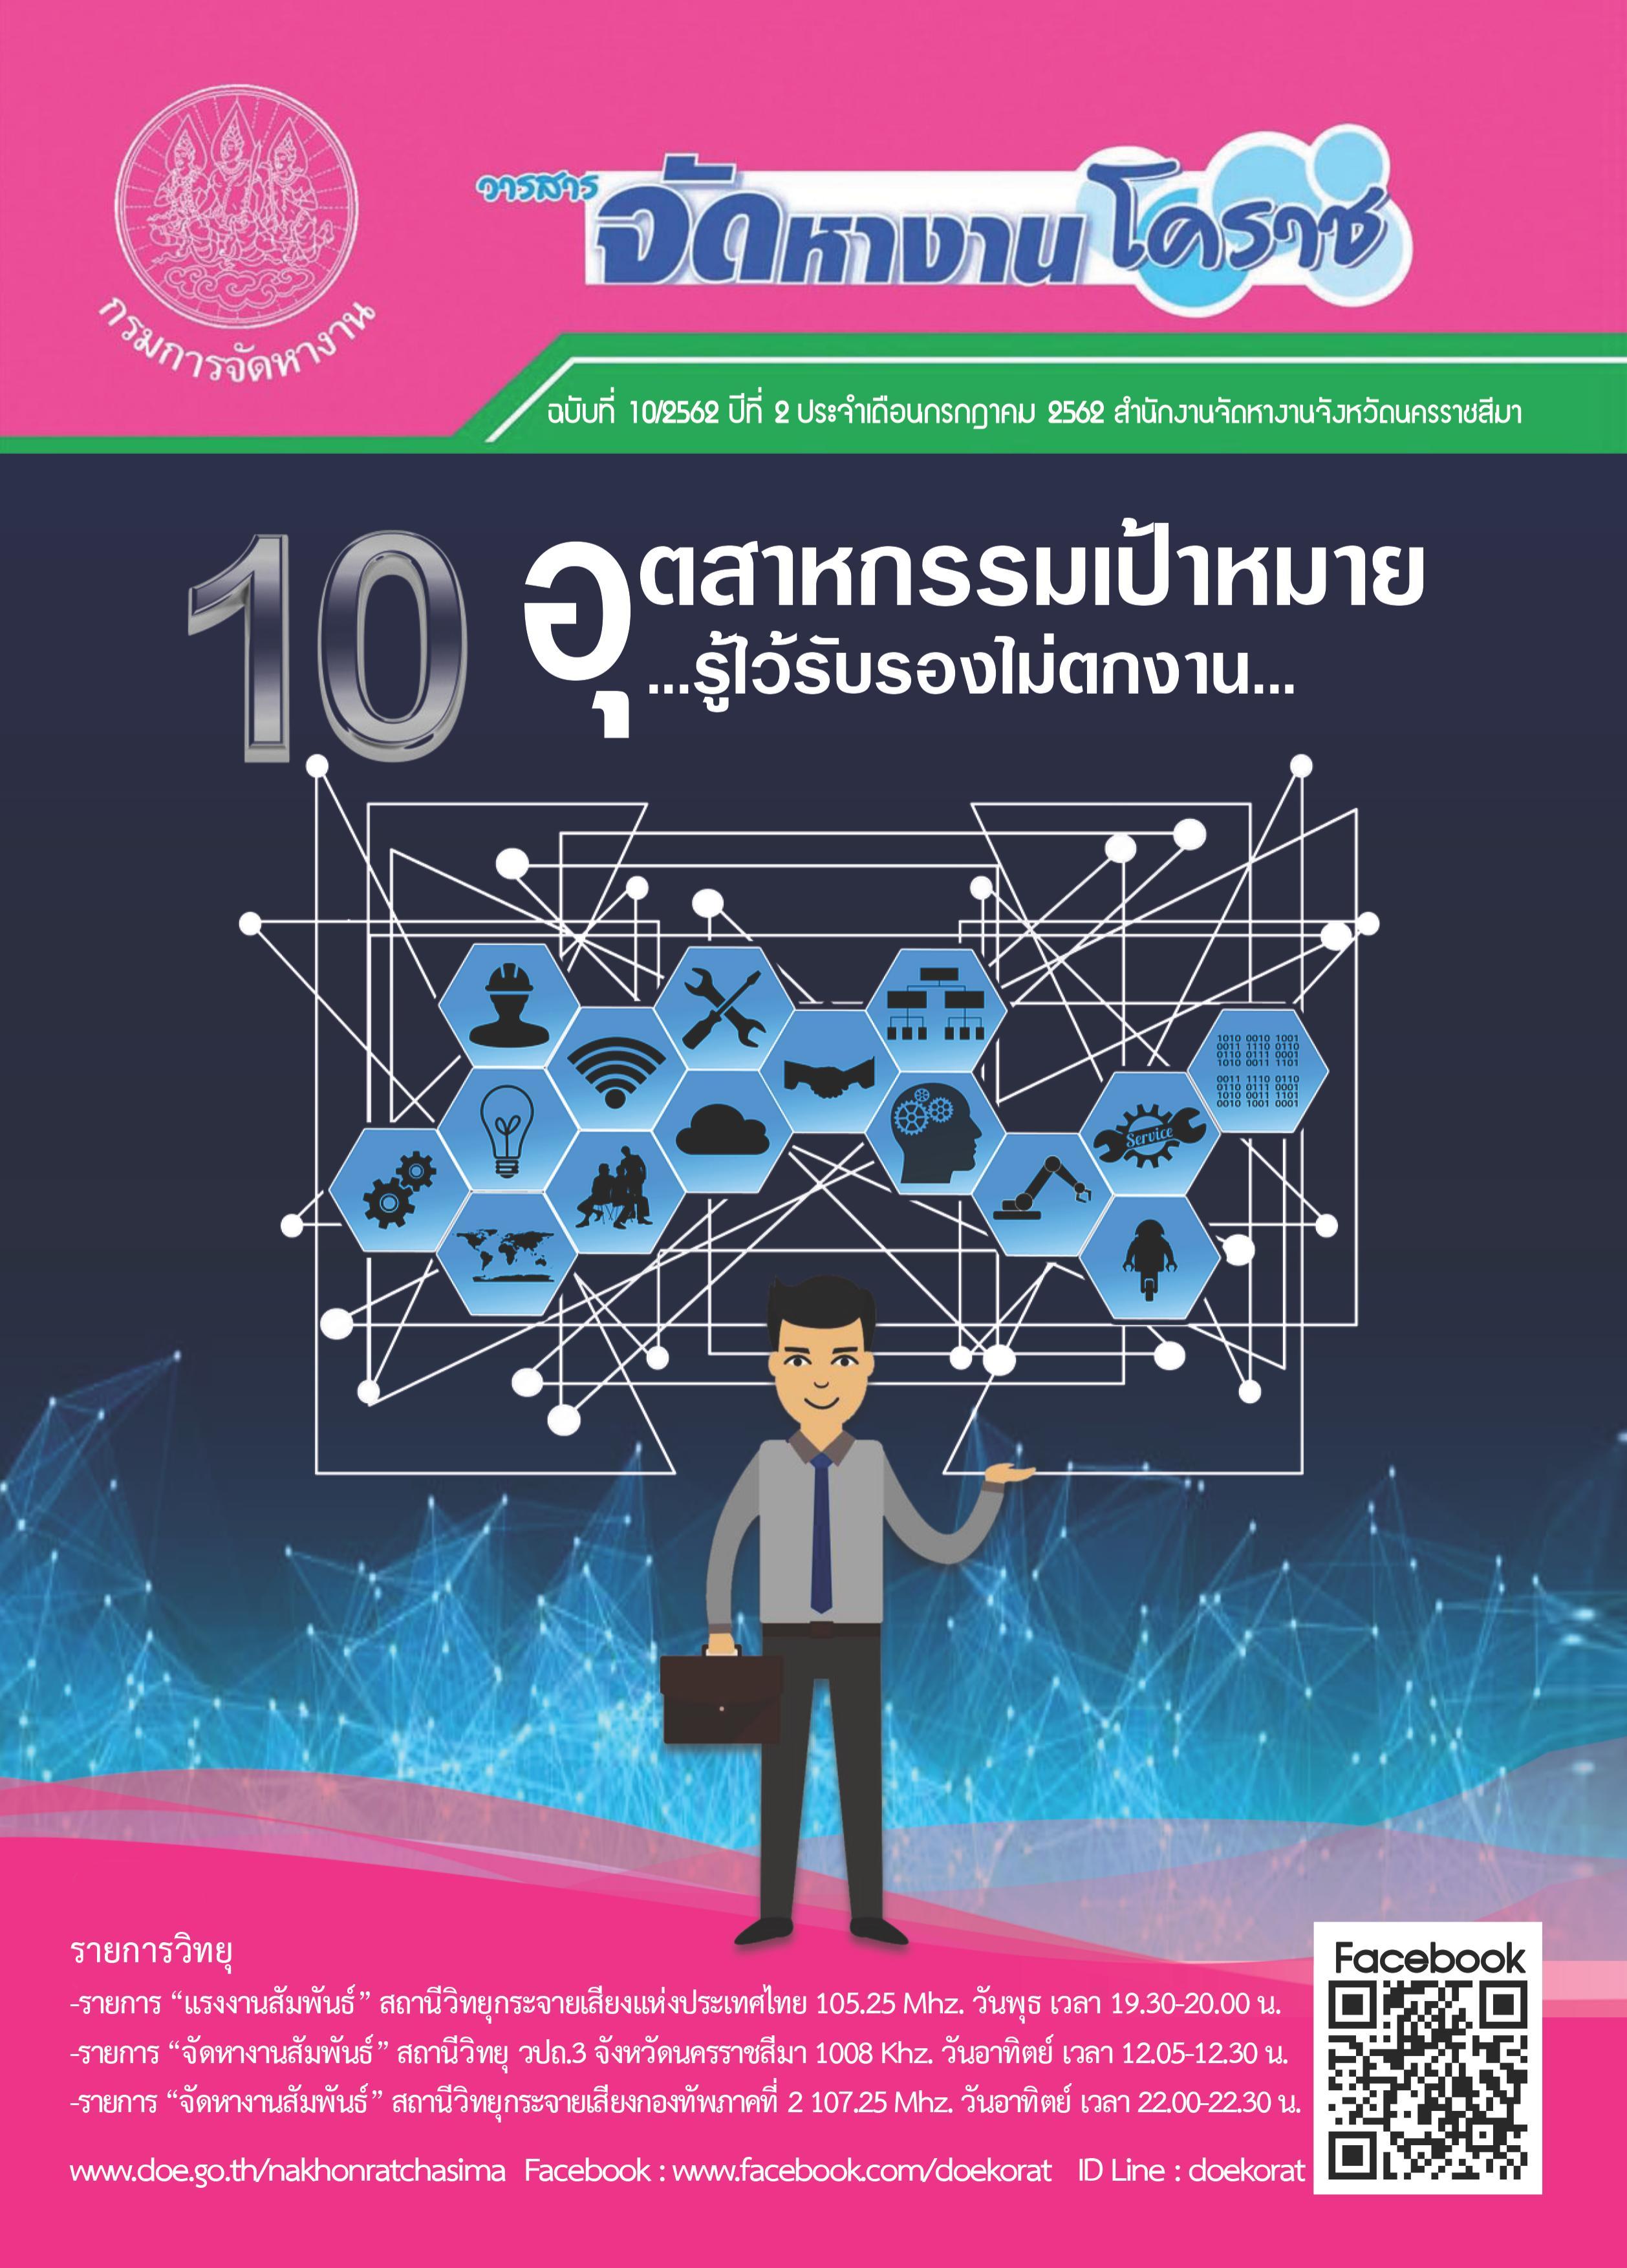 วารสารจัดหางานโคราช ฉบับที่ 10/2562 ปีที่ 2 ประจำเดือนกรกฎาคม 2562